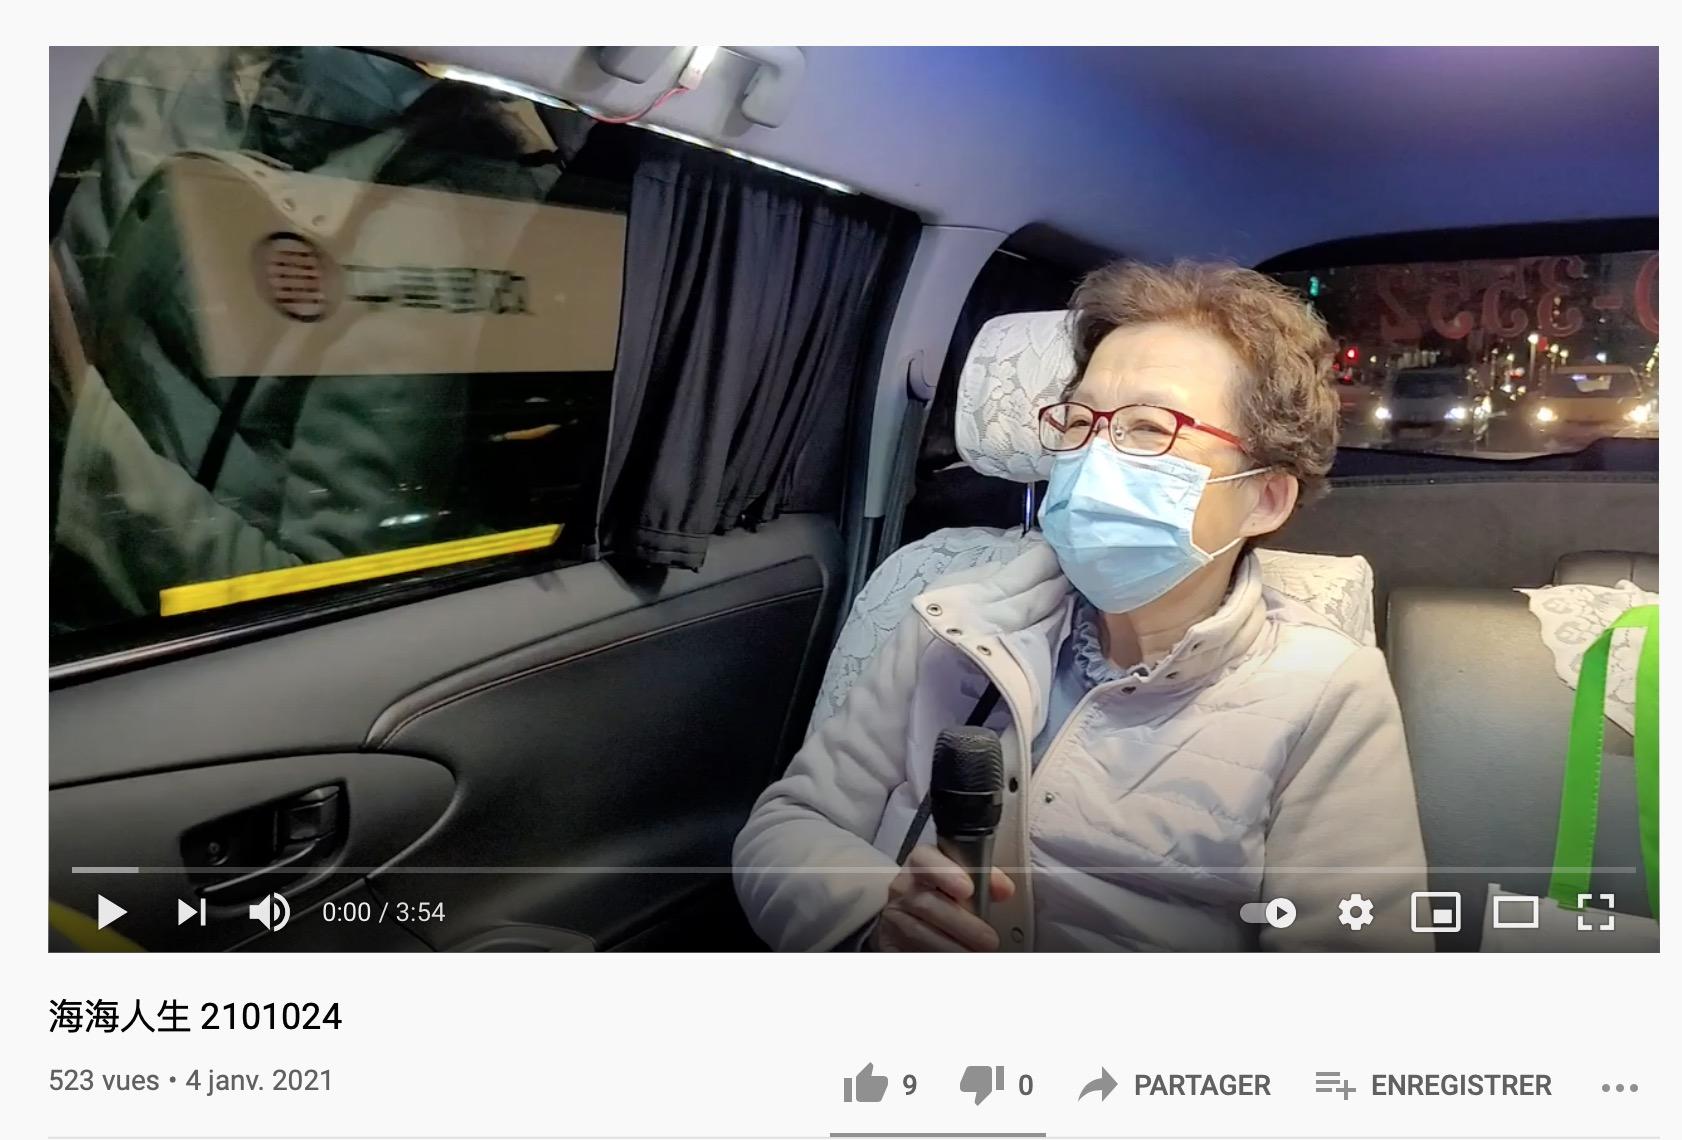 Taïwan : Un chauffeur de taxi offre la course à ses clients s'ils font un karaoké dans sa voiture